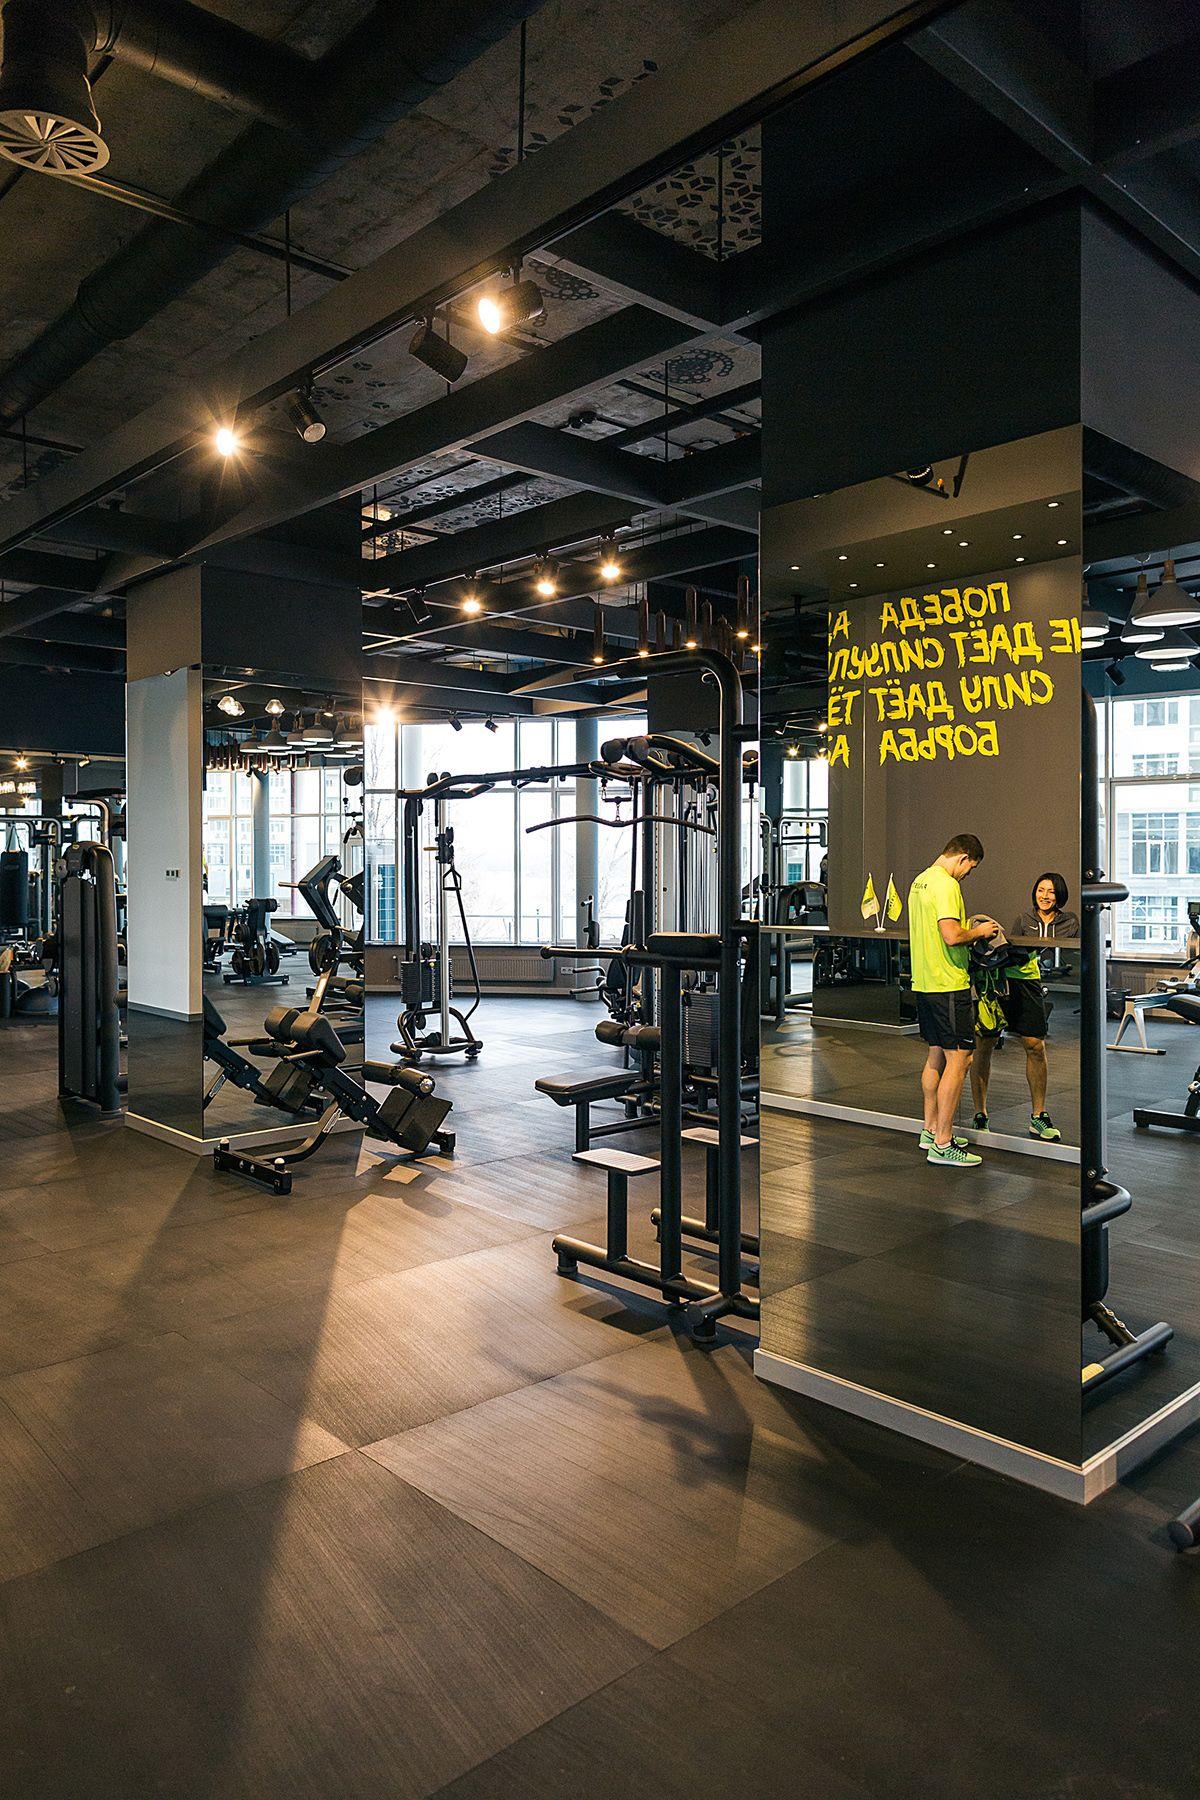 Kiev Fitness Club Gym Interior Gym Decor Gym Design Interior